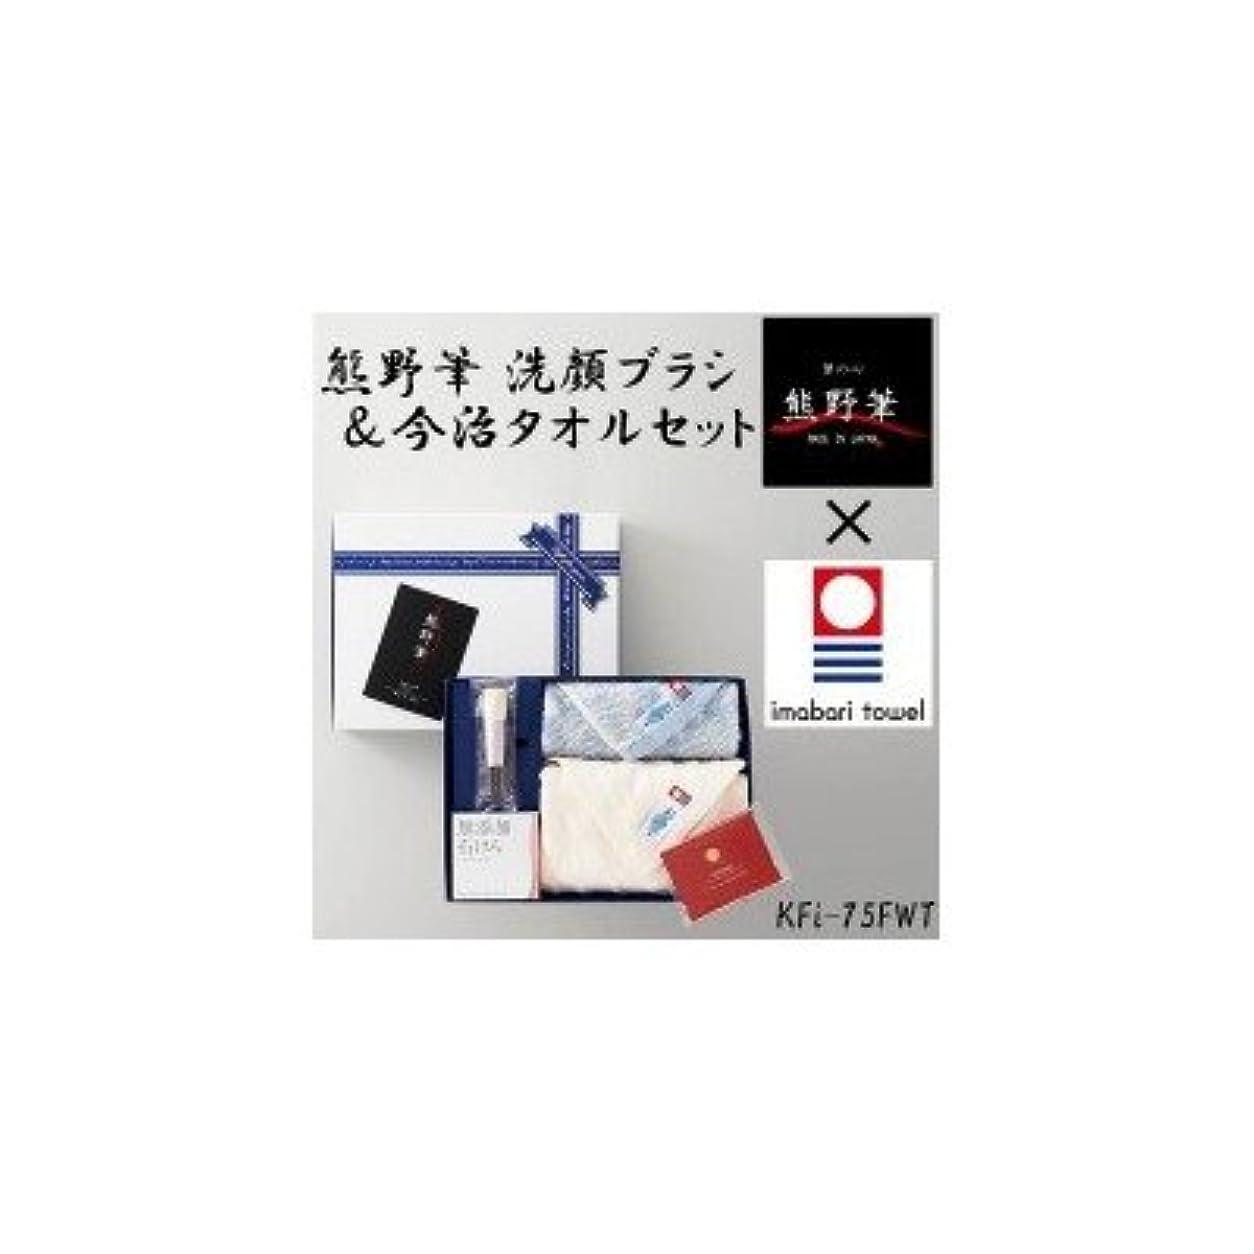 可能にするキッチン魔女熊野筆と今治タオルのコラボレーション 熊野筆 洗顔ブラシ&今治タオルセット KFi-75FWT